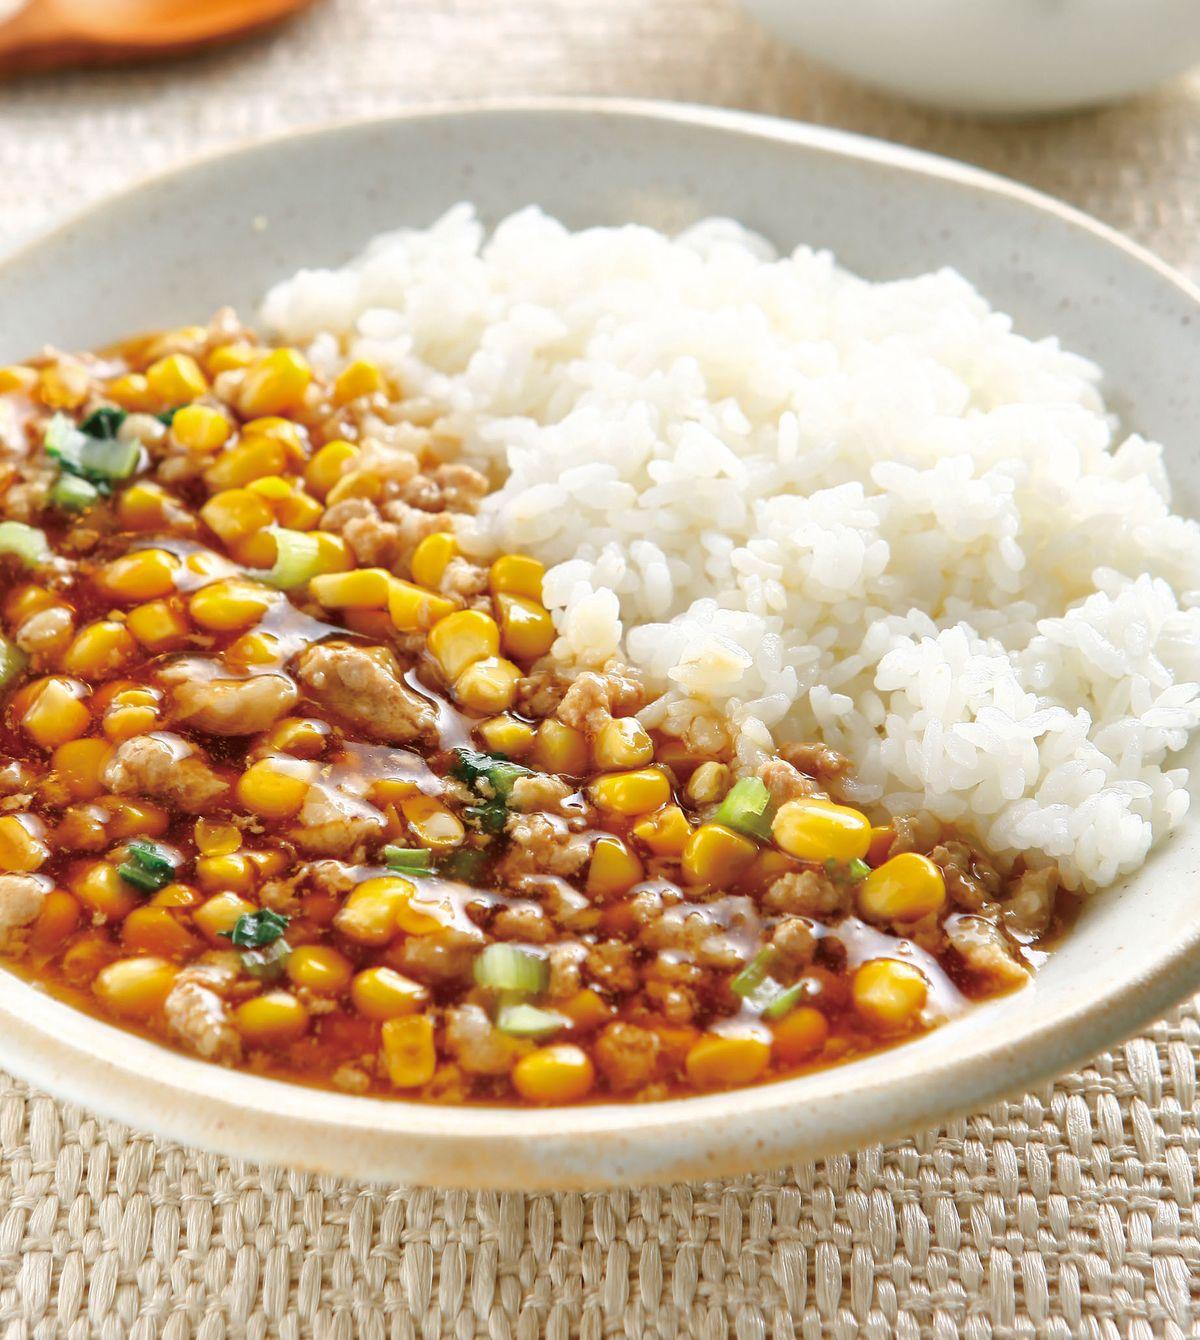 食譜:肉末玉米拌飯